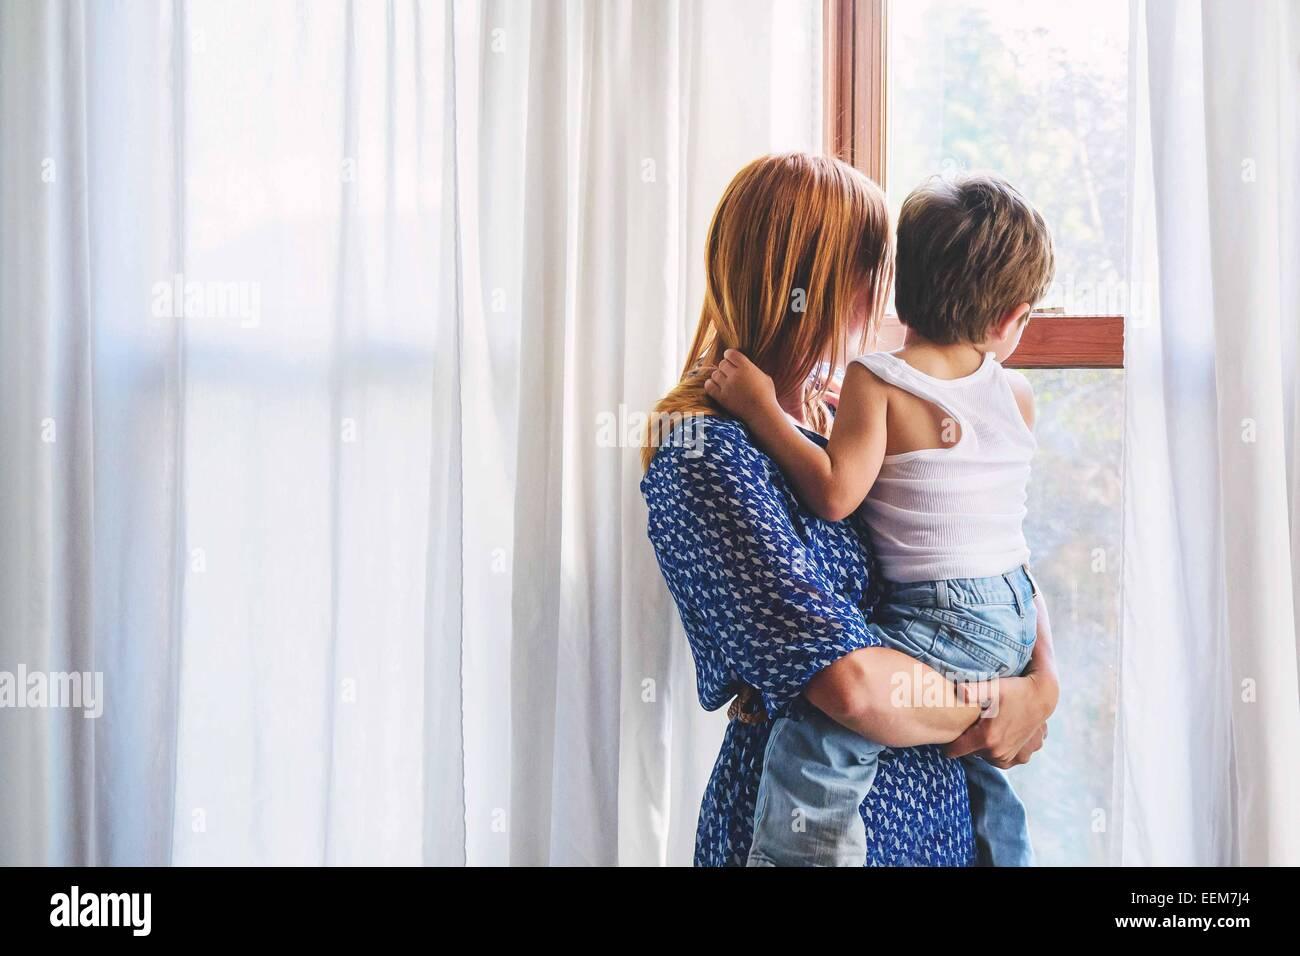 La madre y el niño (2-3) niño mirando hacia afuera de la ventana Imagen De Stock